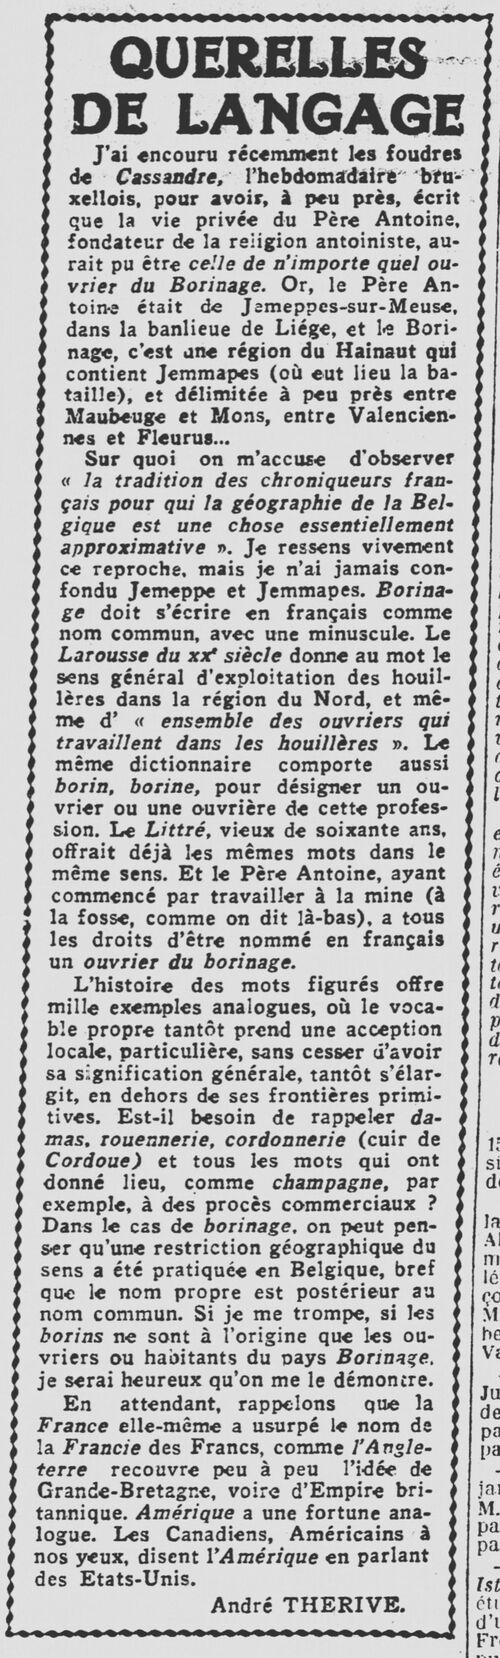 André Thérive - Querelles de langage (Les Nouvelles littéraires, artistiques et scientifiques, 4 avril 1936)